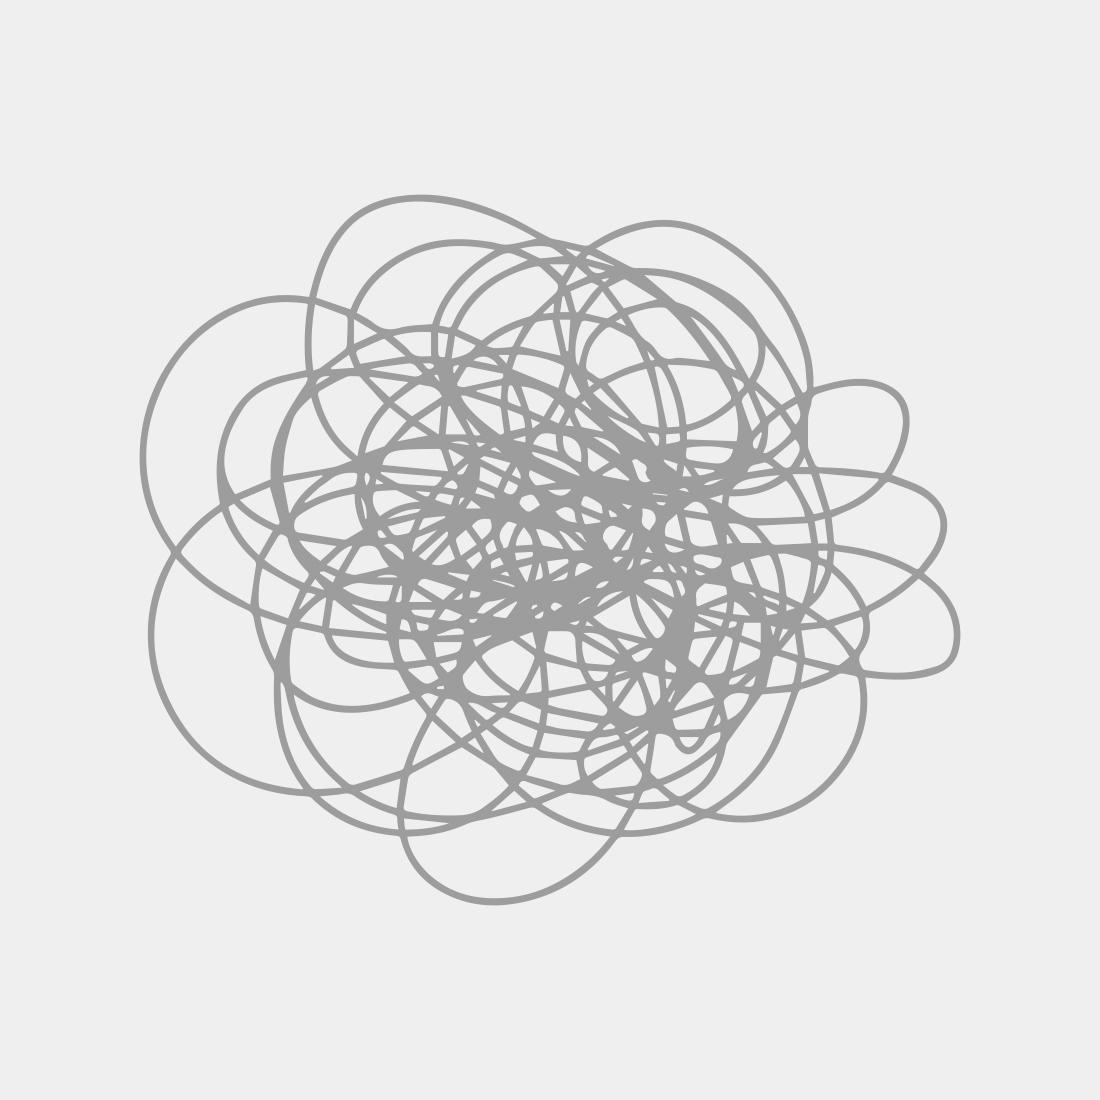 Colouring Poster Atlas